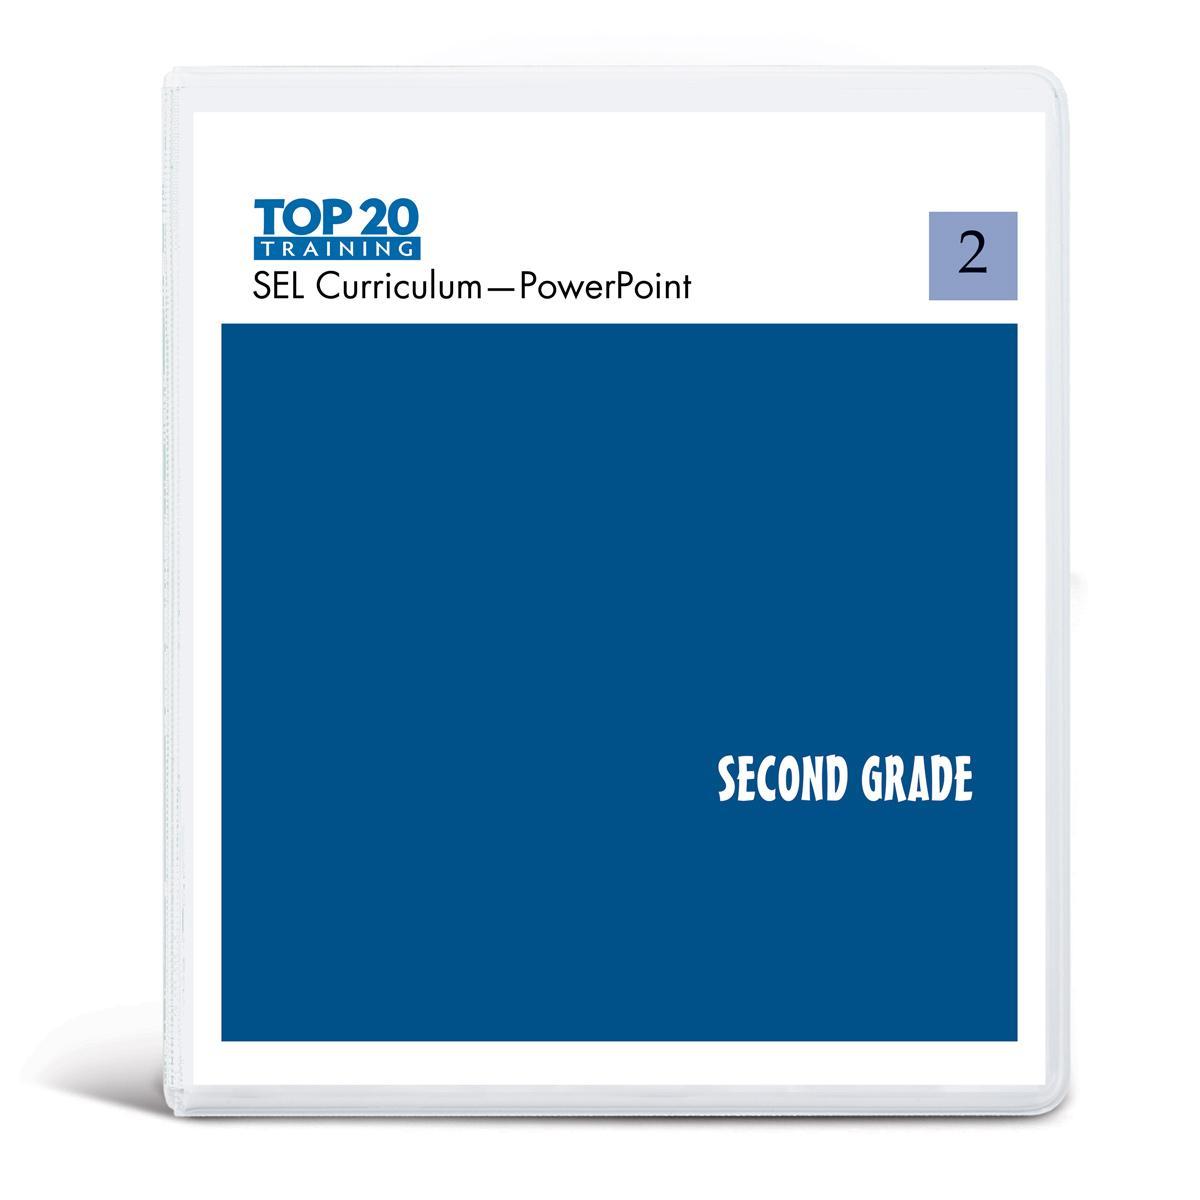 Top 20 teachers PowerPoint curriculum for second grade